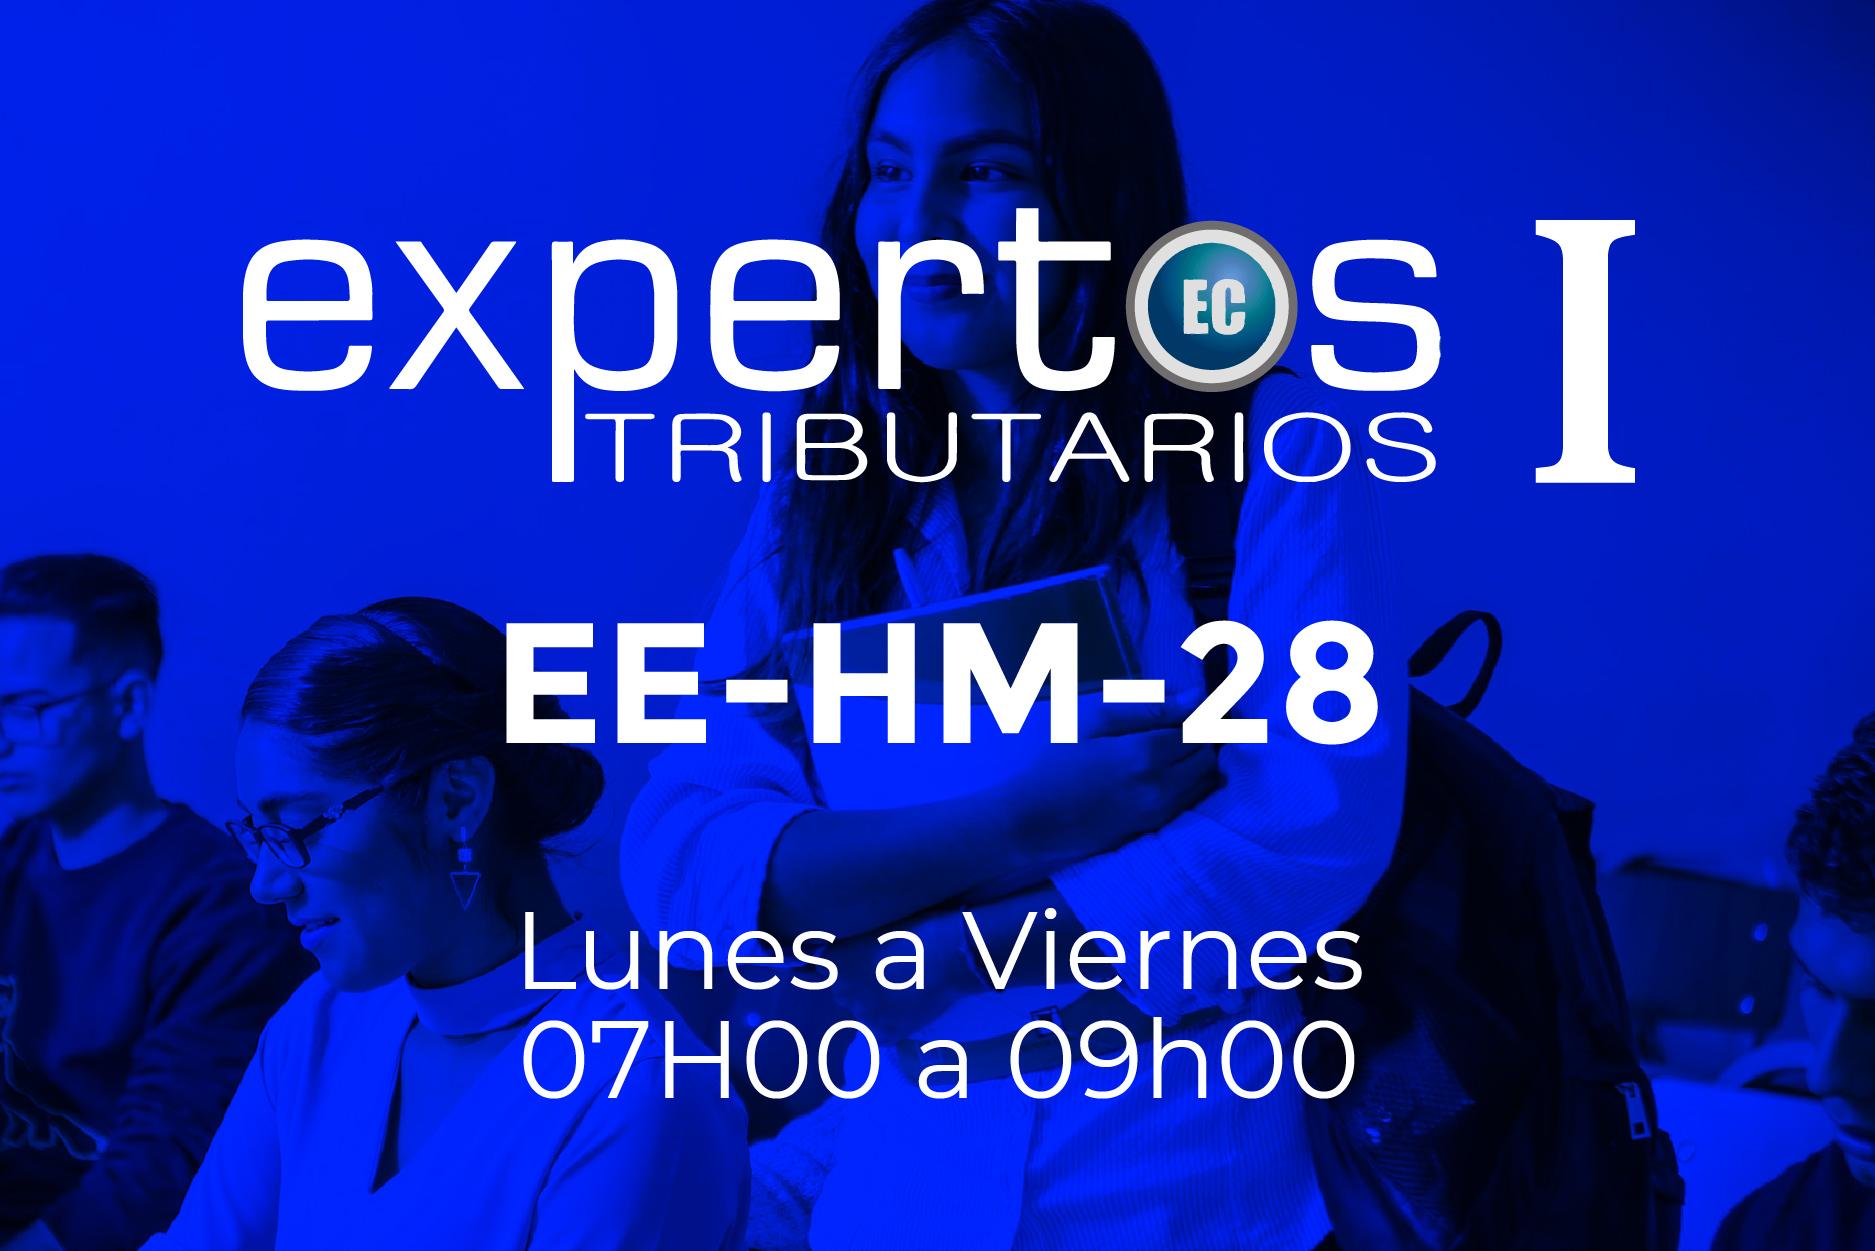 28 - EXPERTOS TRIBUTARIOS - LUNES A VIERNES - 07:00 A 09:00